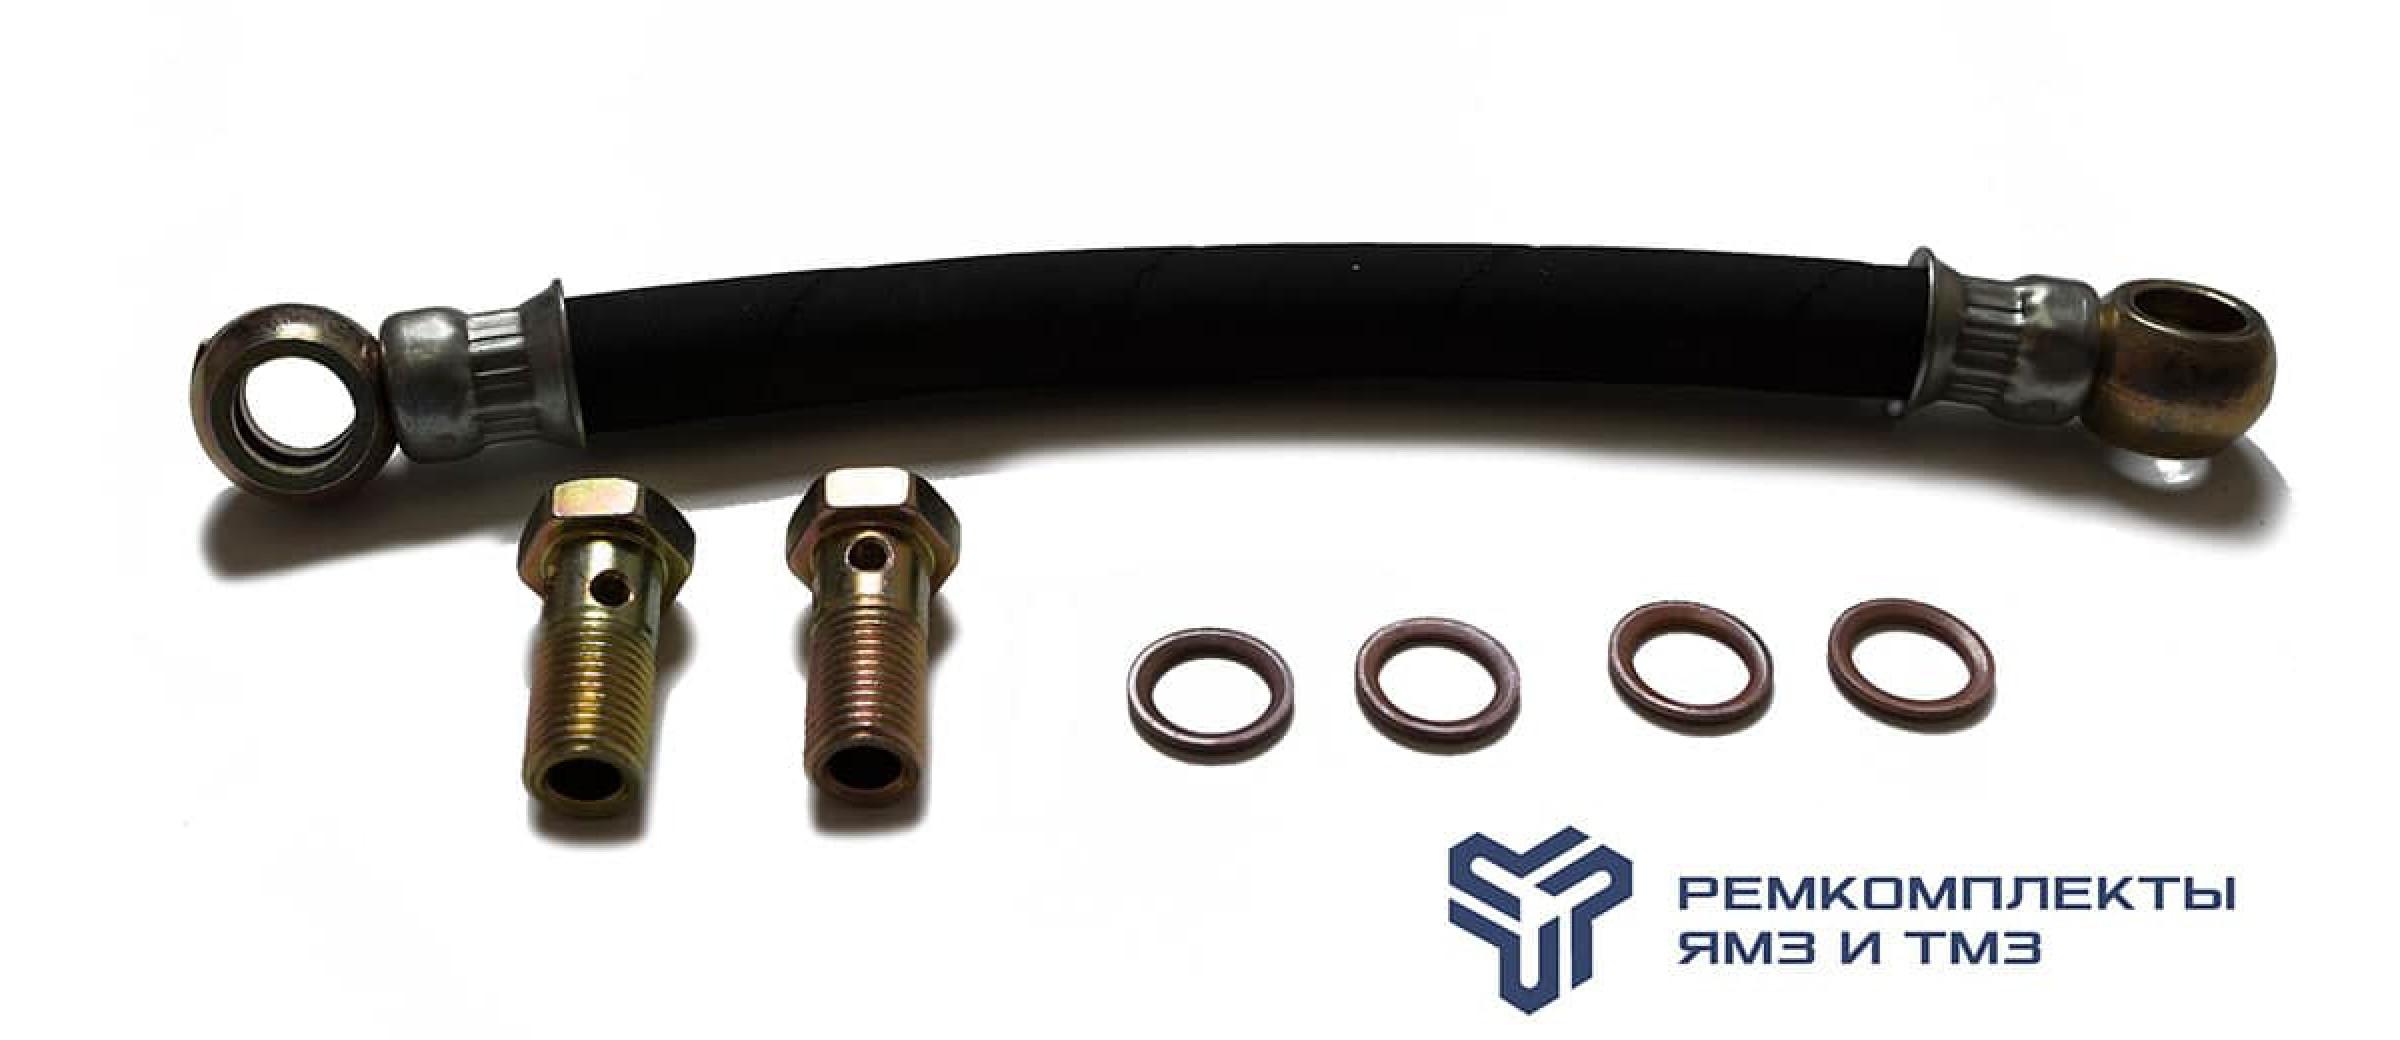 Ремкомплект трубопровода отвода масла от ТНВД 80